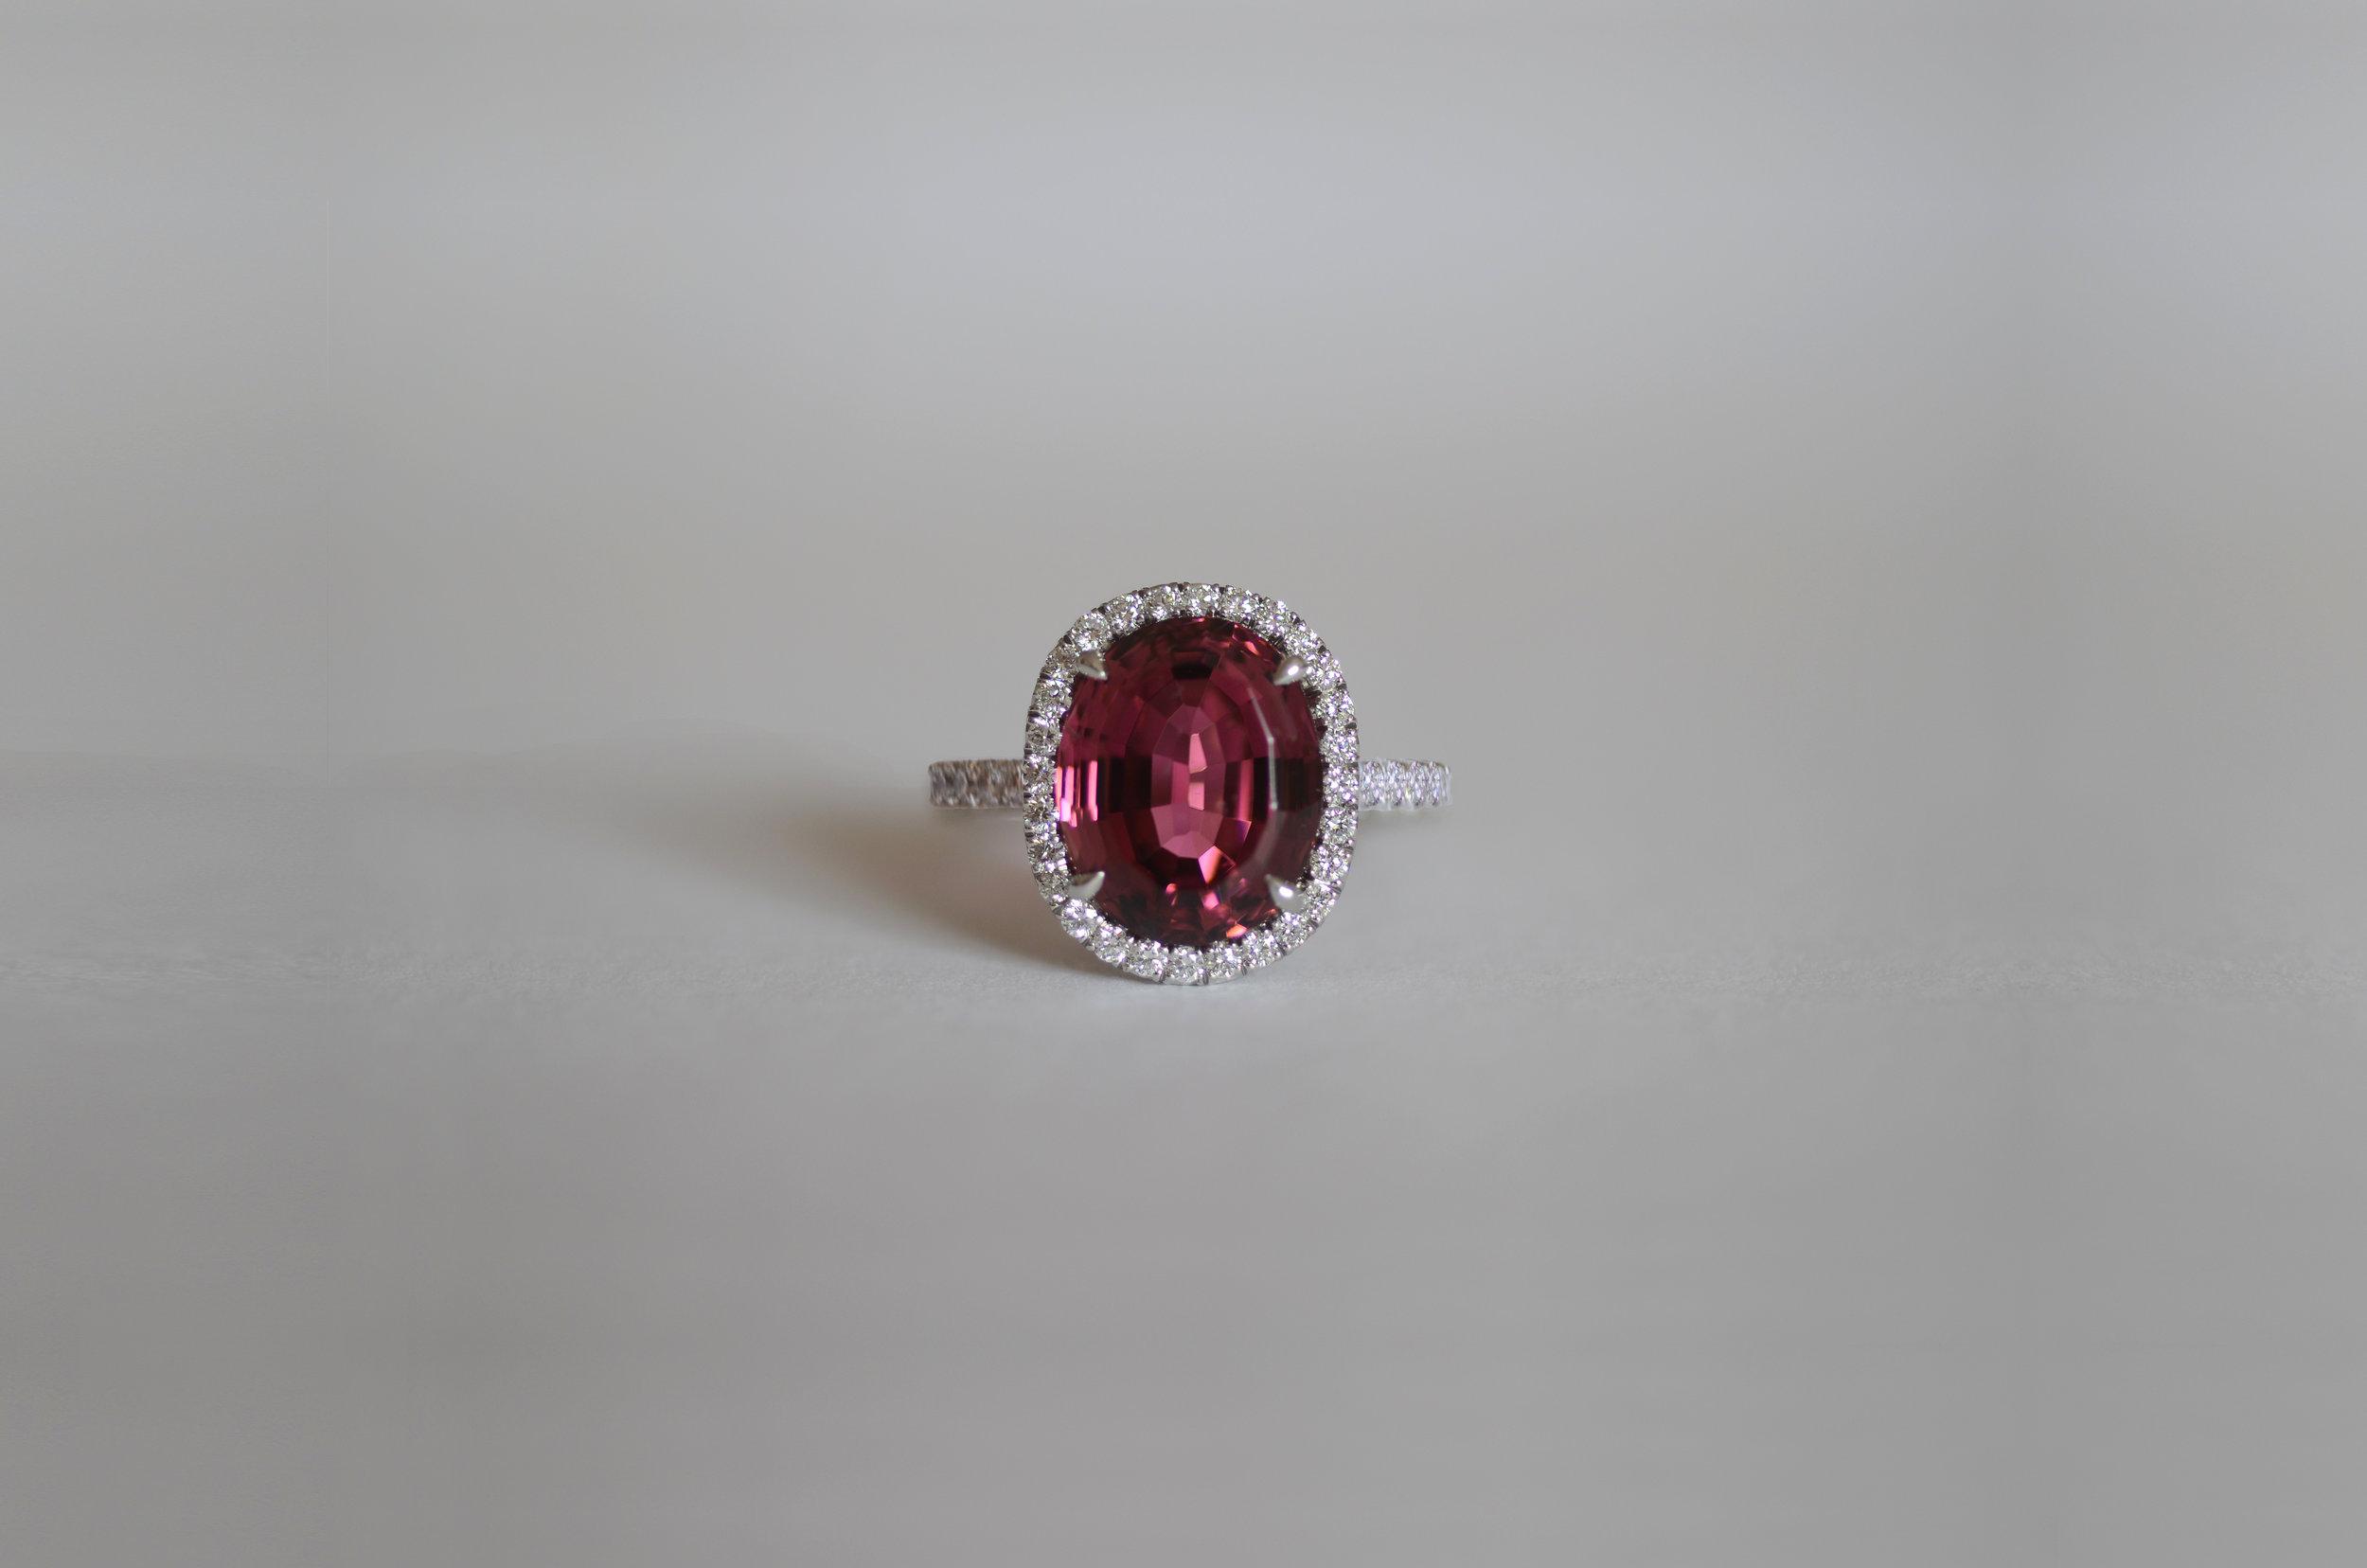 6 Carat Pink Tourmaline with 1.00 Carat total Diamonds set in Platinum